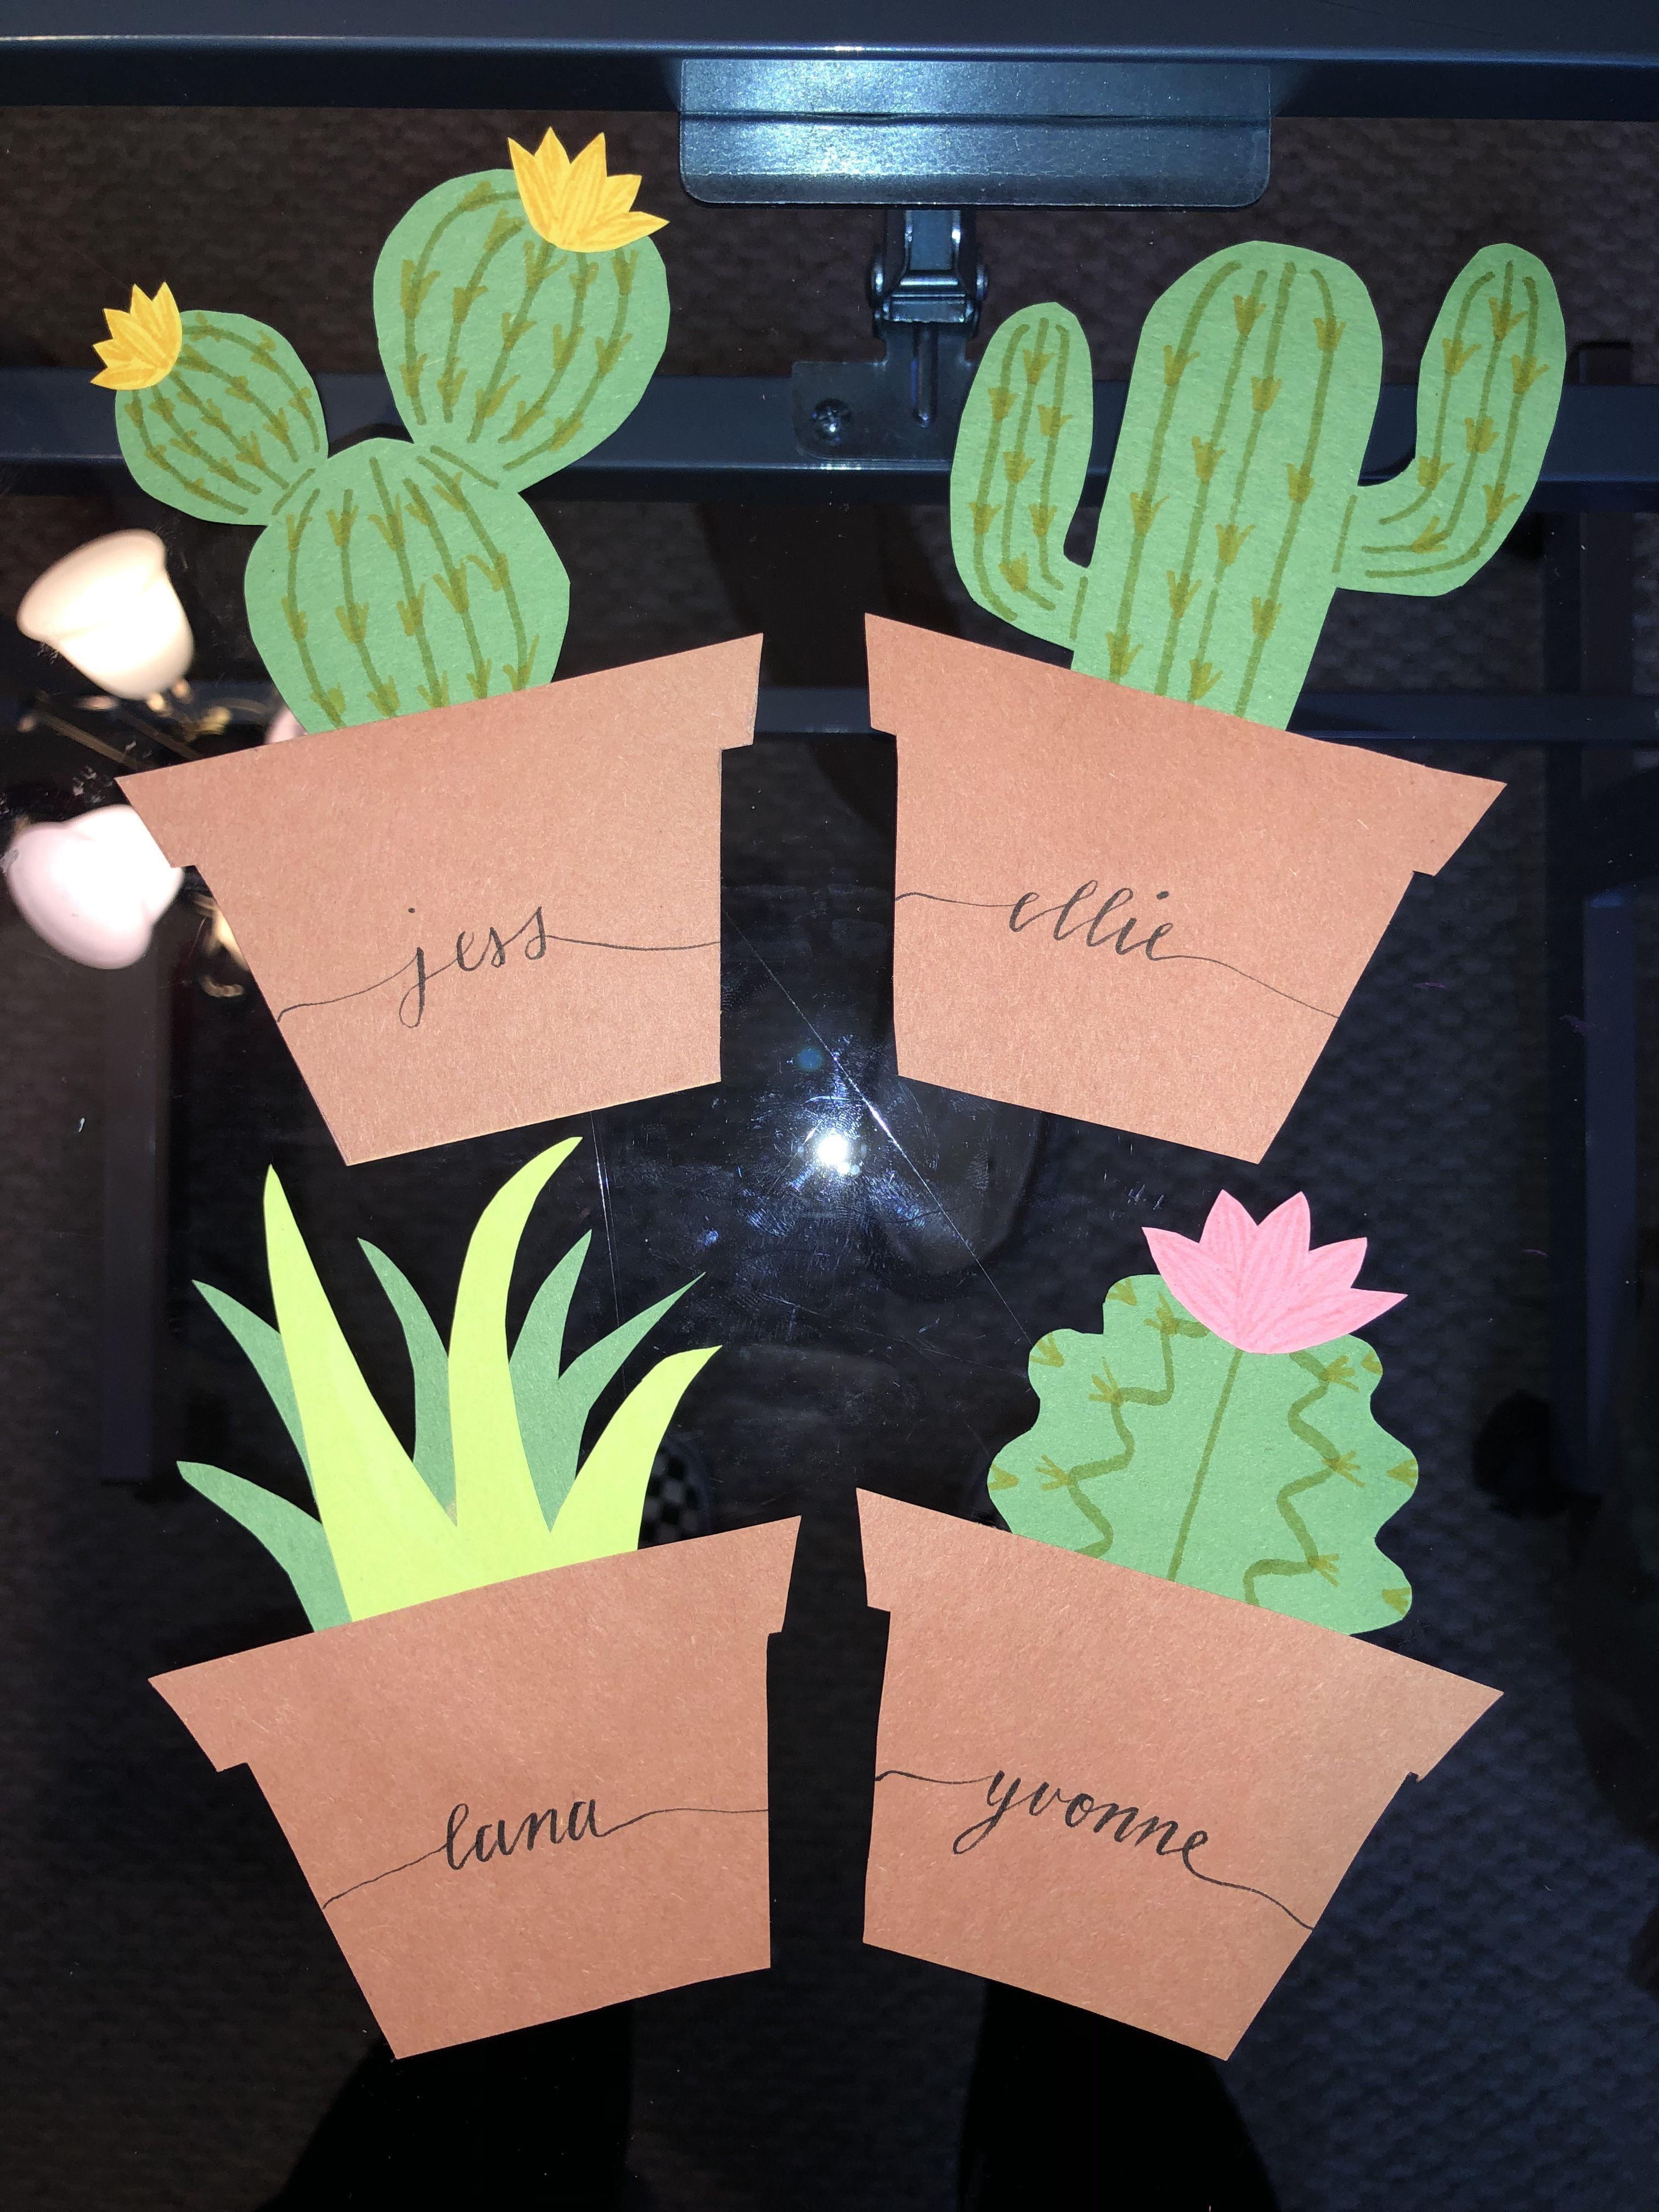 Ra Door Decs Plants Succulents Calligraphy Door Tags Dorm Door Decorations Door Decorations College Dorm Door